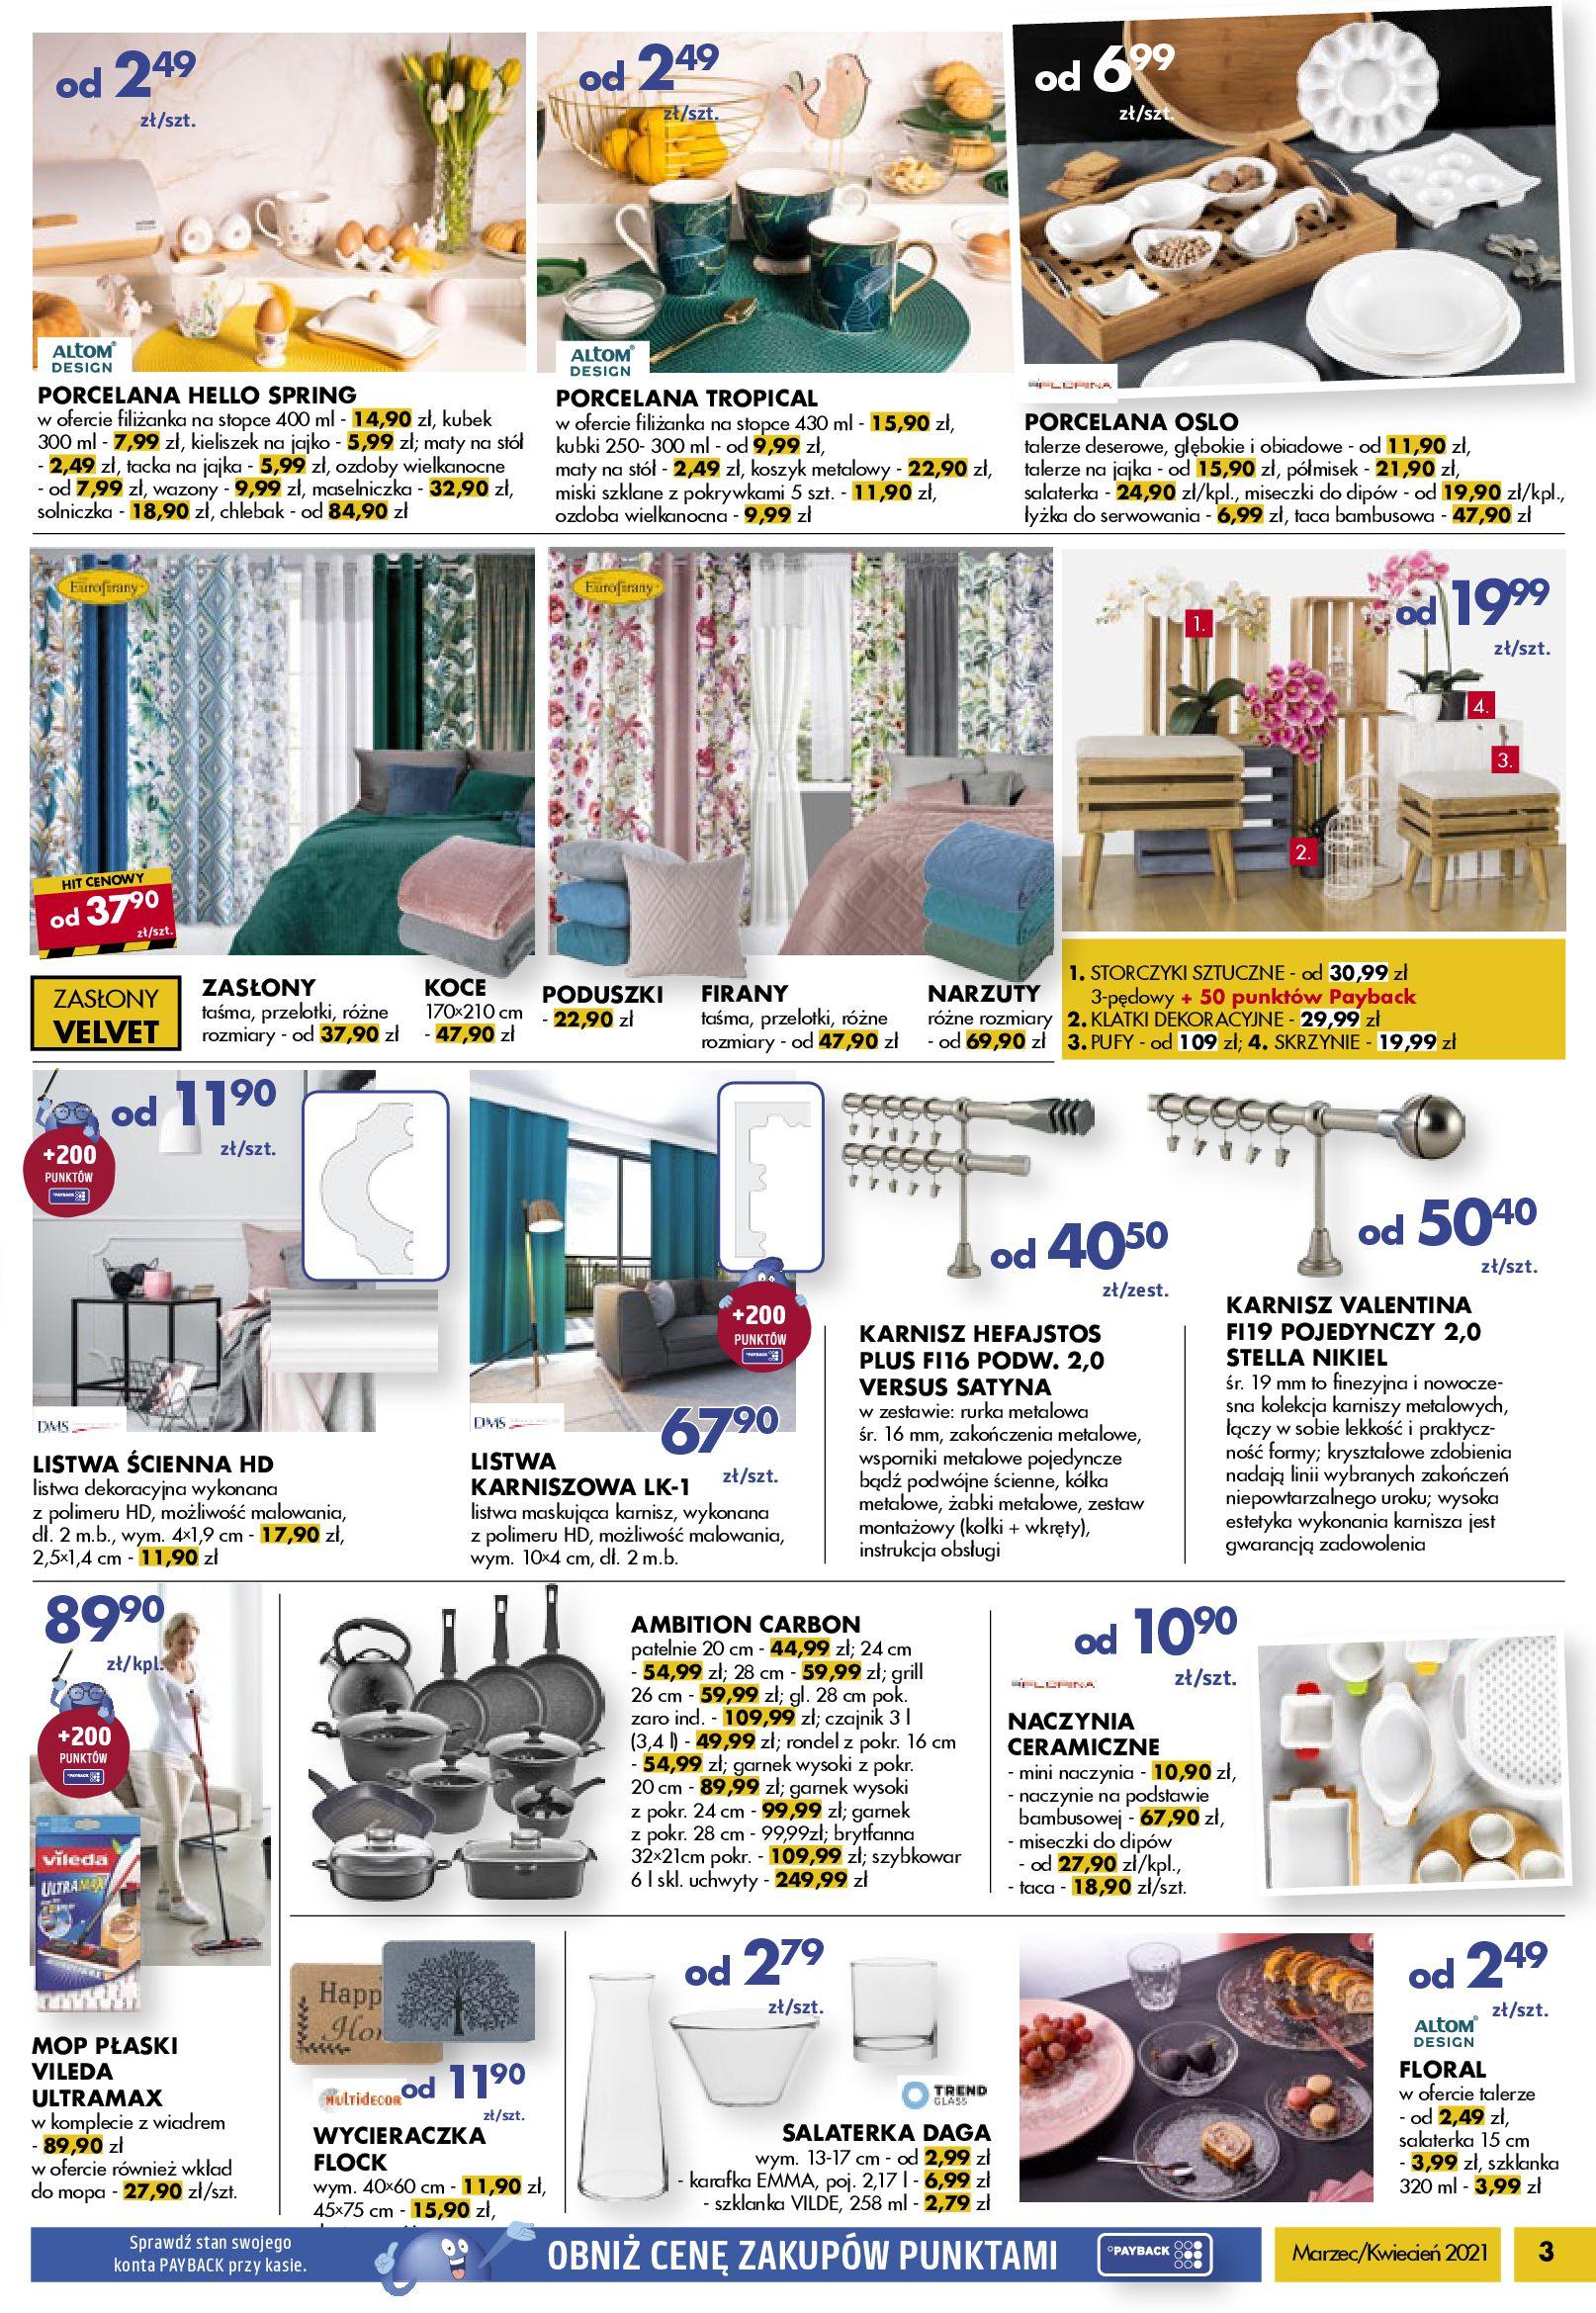 Gazetka PSB Mrówka: Katalog Marzec/Kwiecień 2021-03-26 page-3